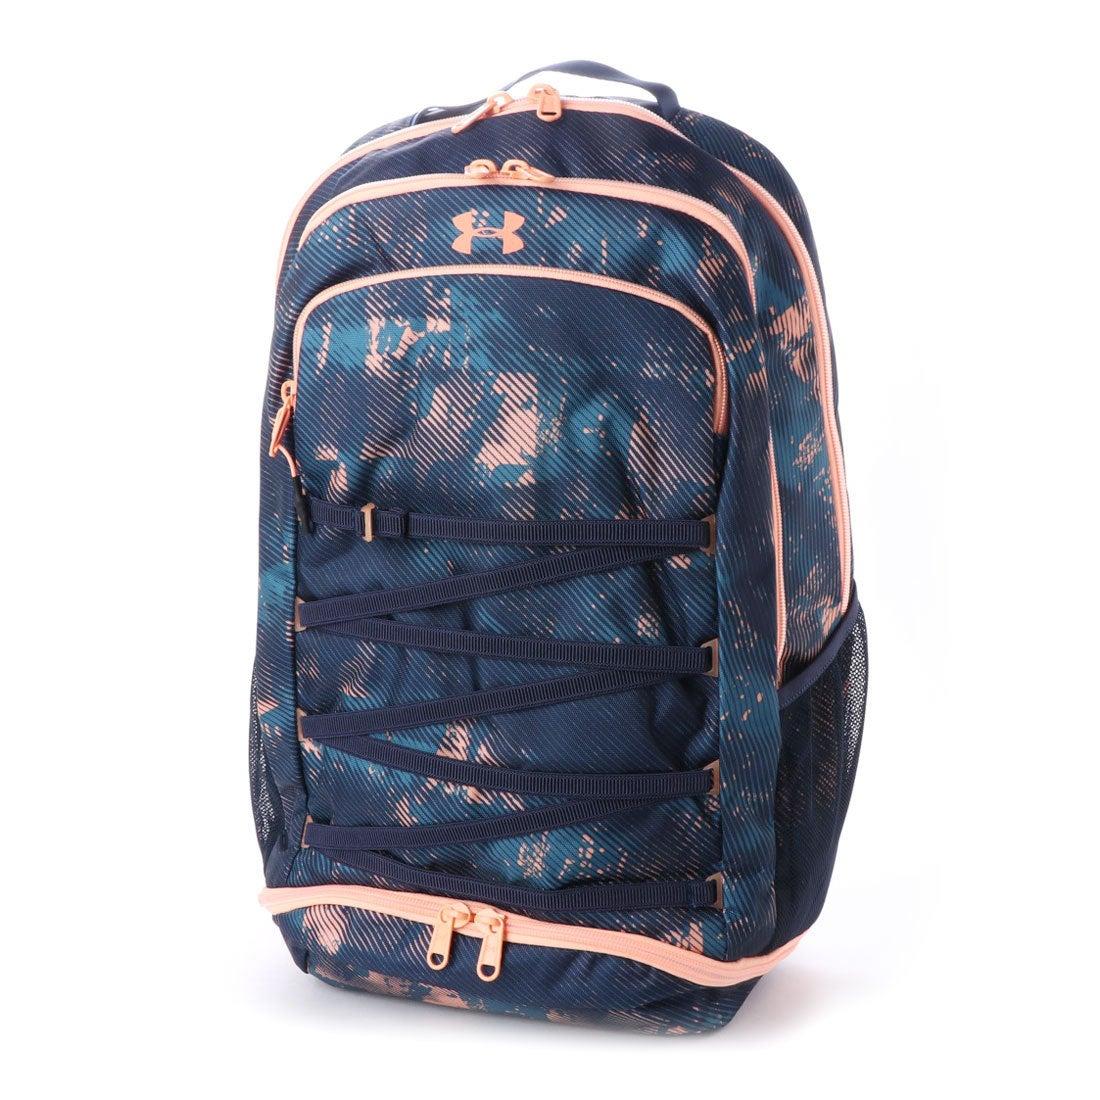 4974d162e64c アンダーアーマー UNDER ARMOUR レディース デイパック UA Tempo Backpack 1316408